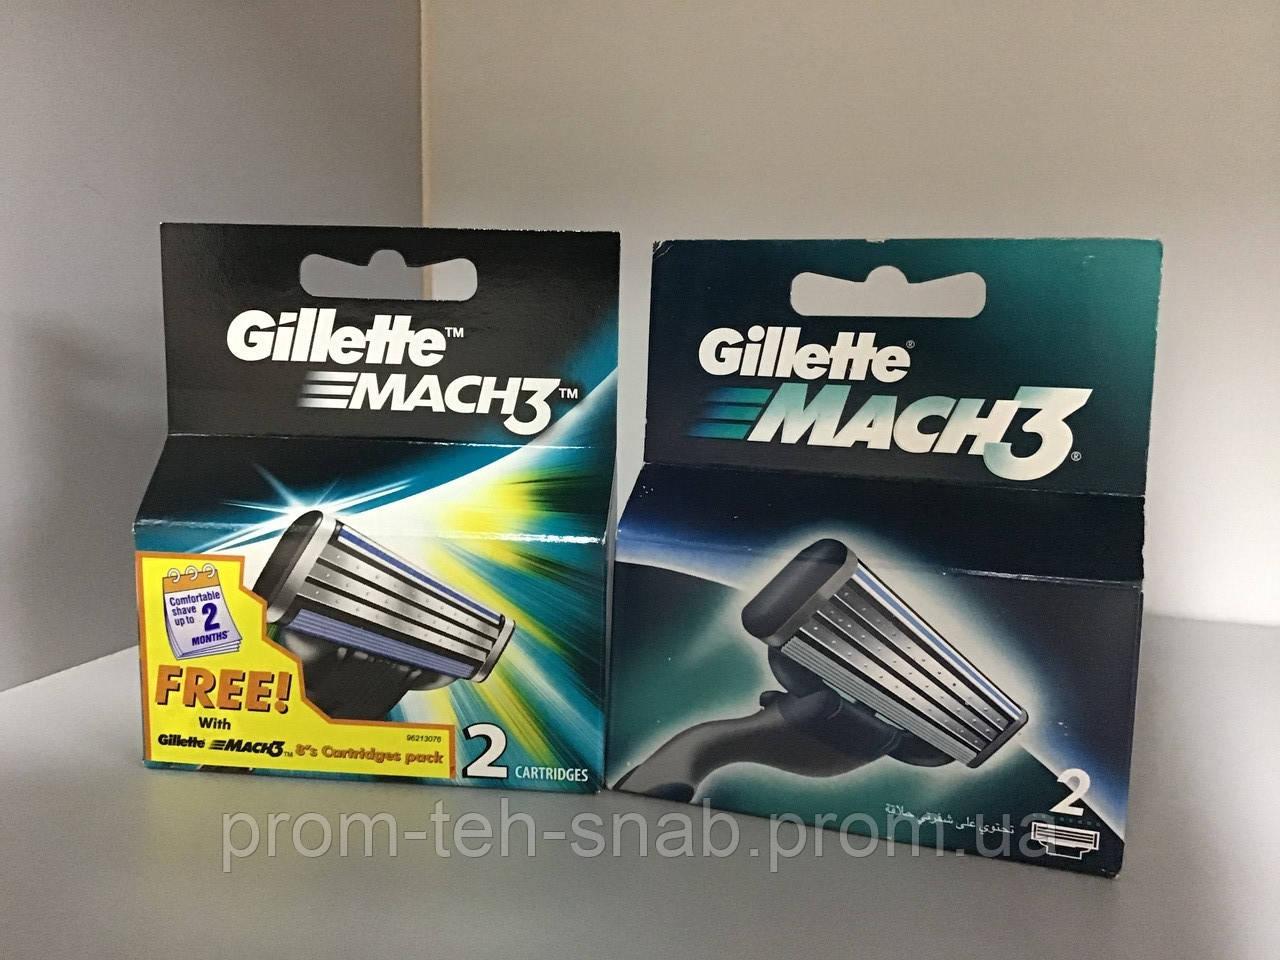 Картриджи Gillette Mach3 Оригинал 2 шт в упаковке производство Германия